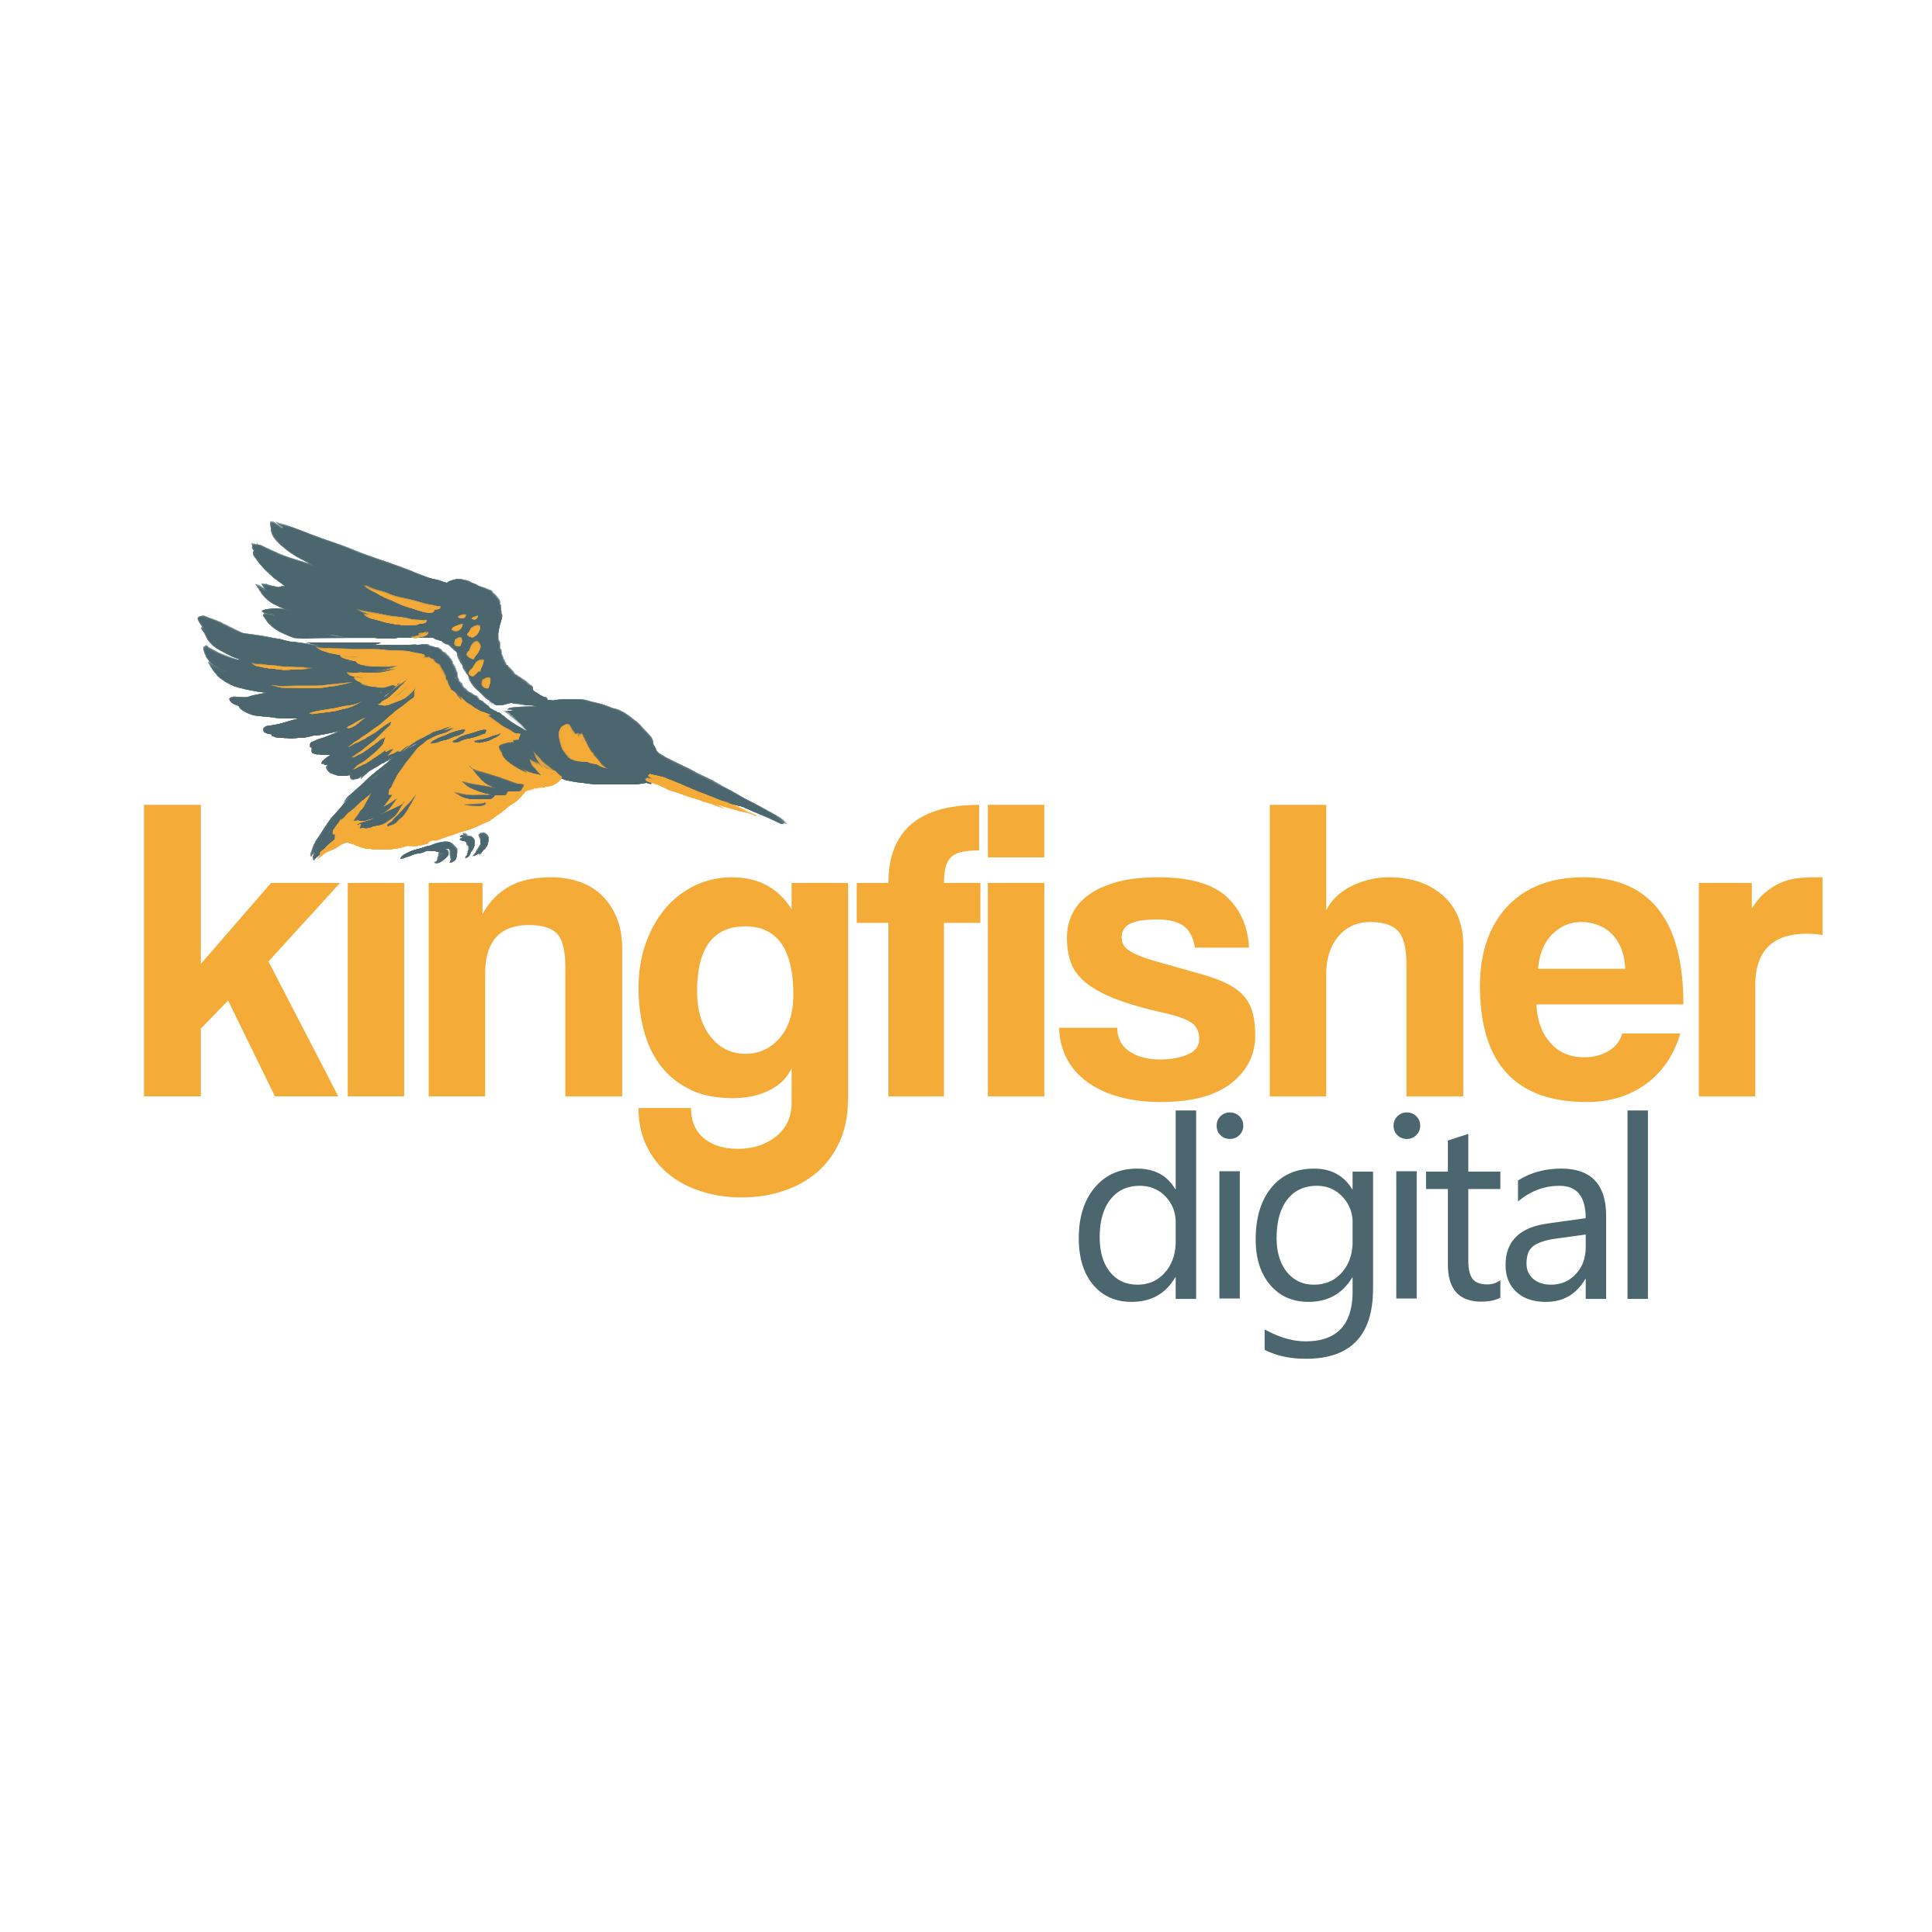 Kingfisher Digital, a chatbot developer